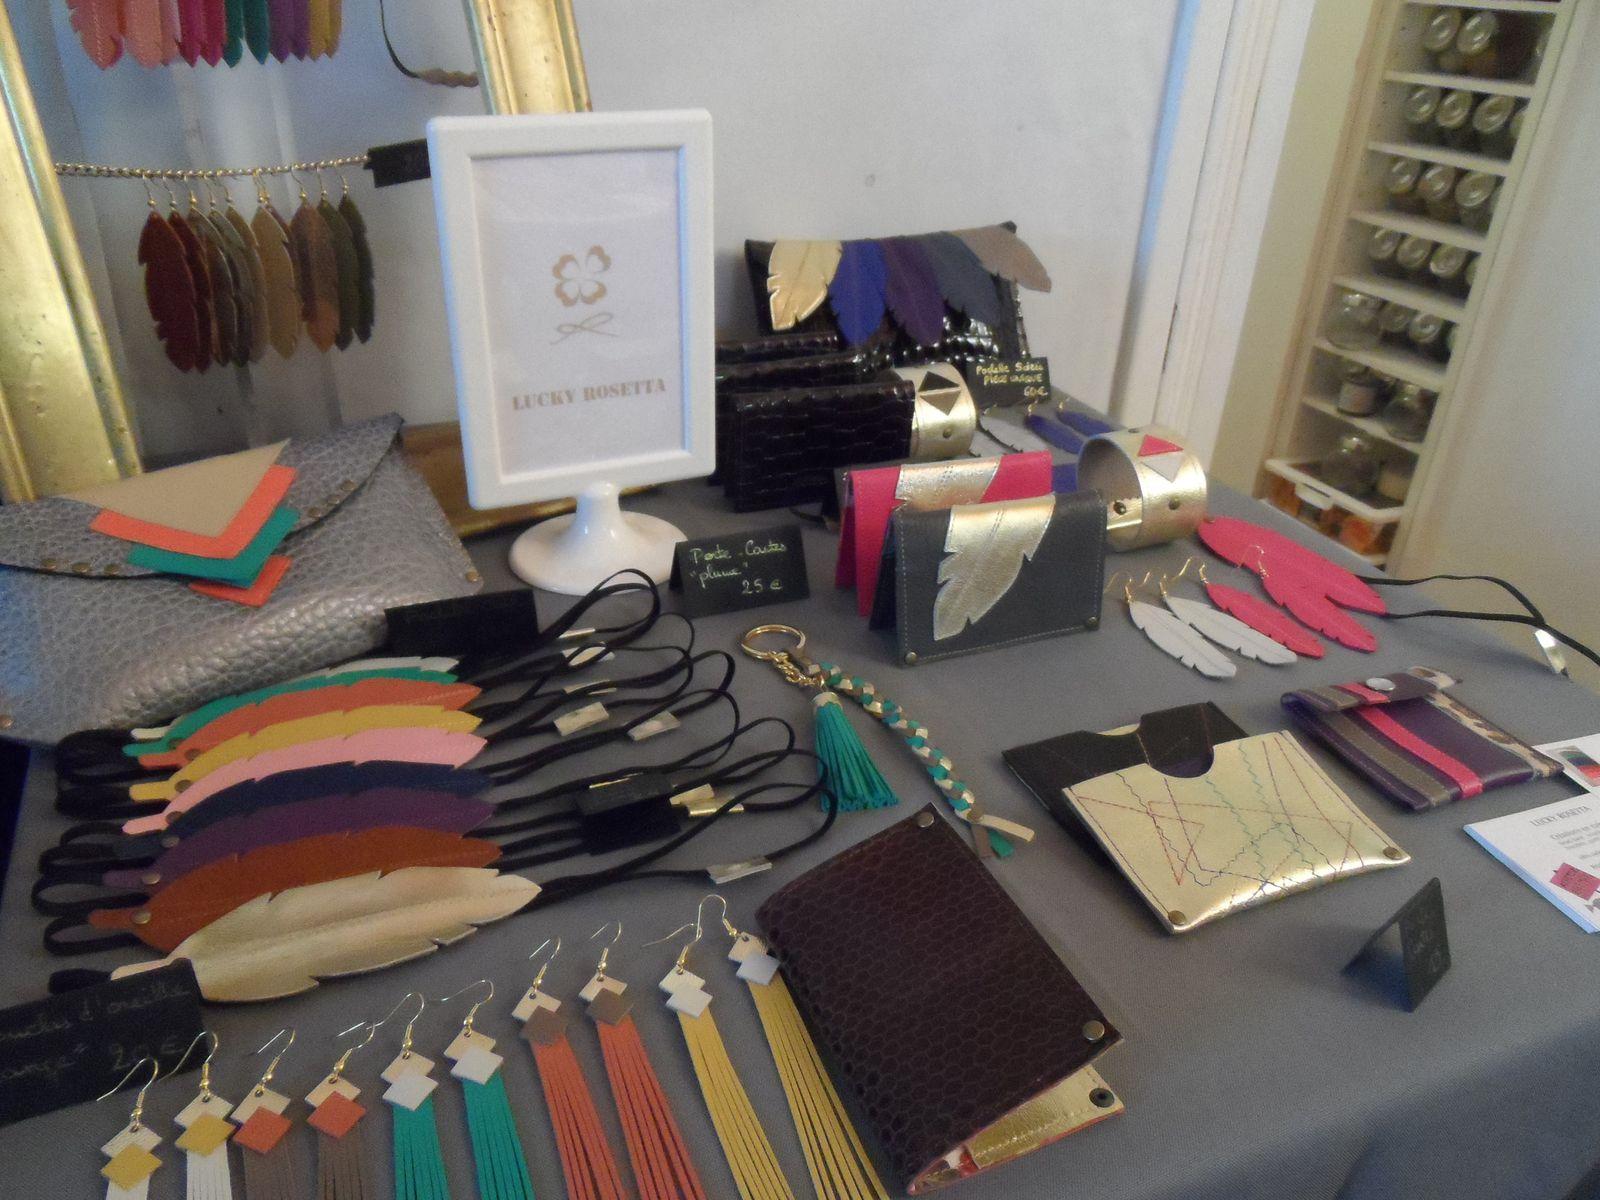 Création Lucky rosetta pour les fans de cuir